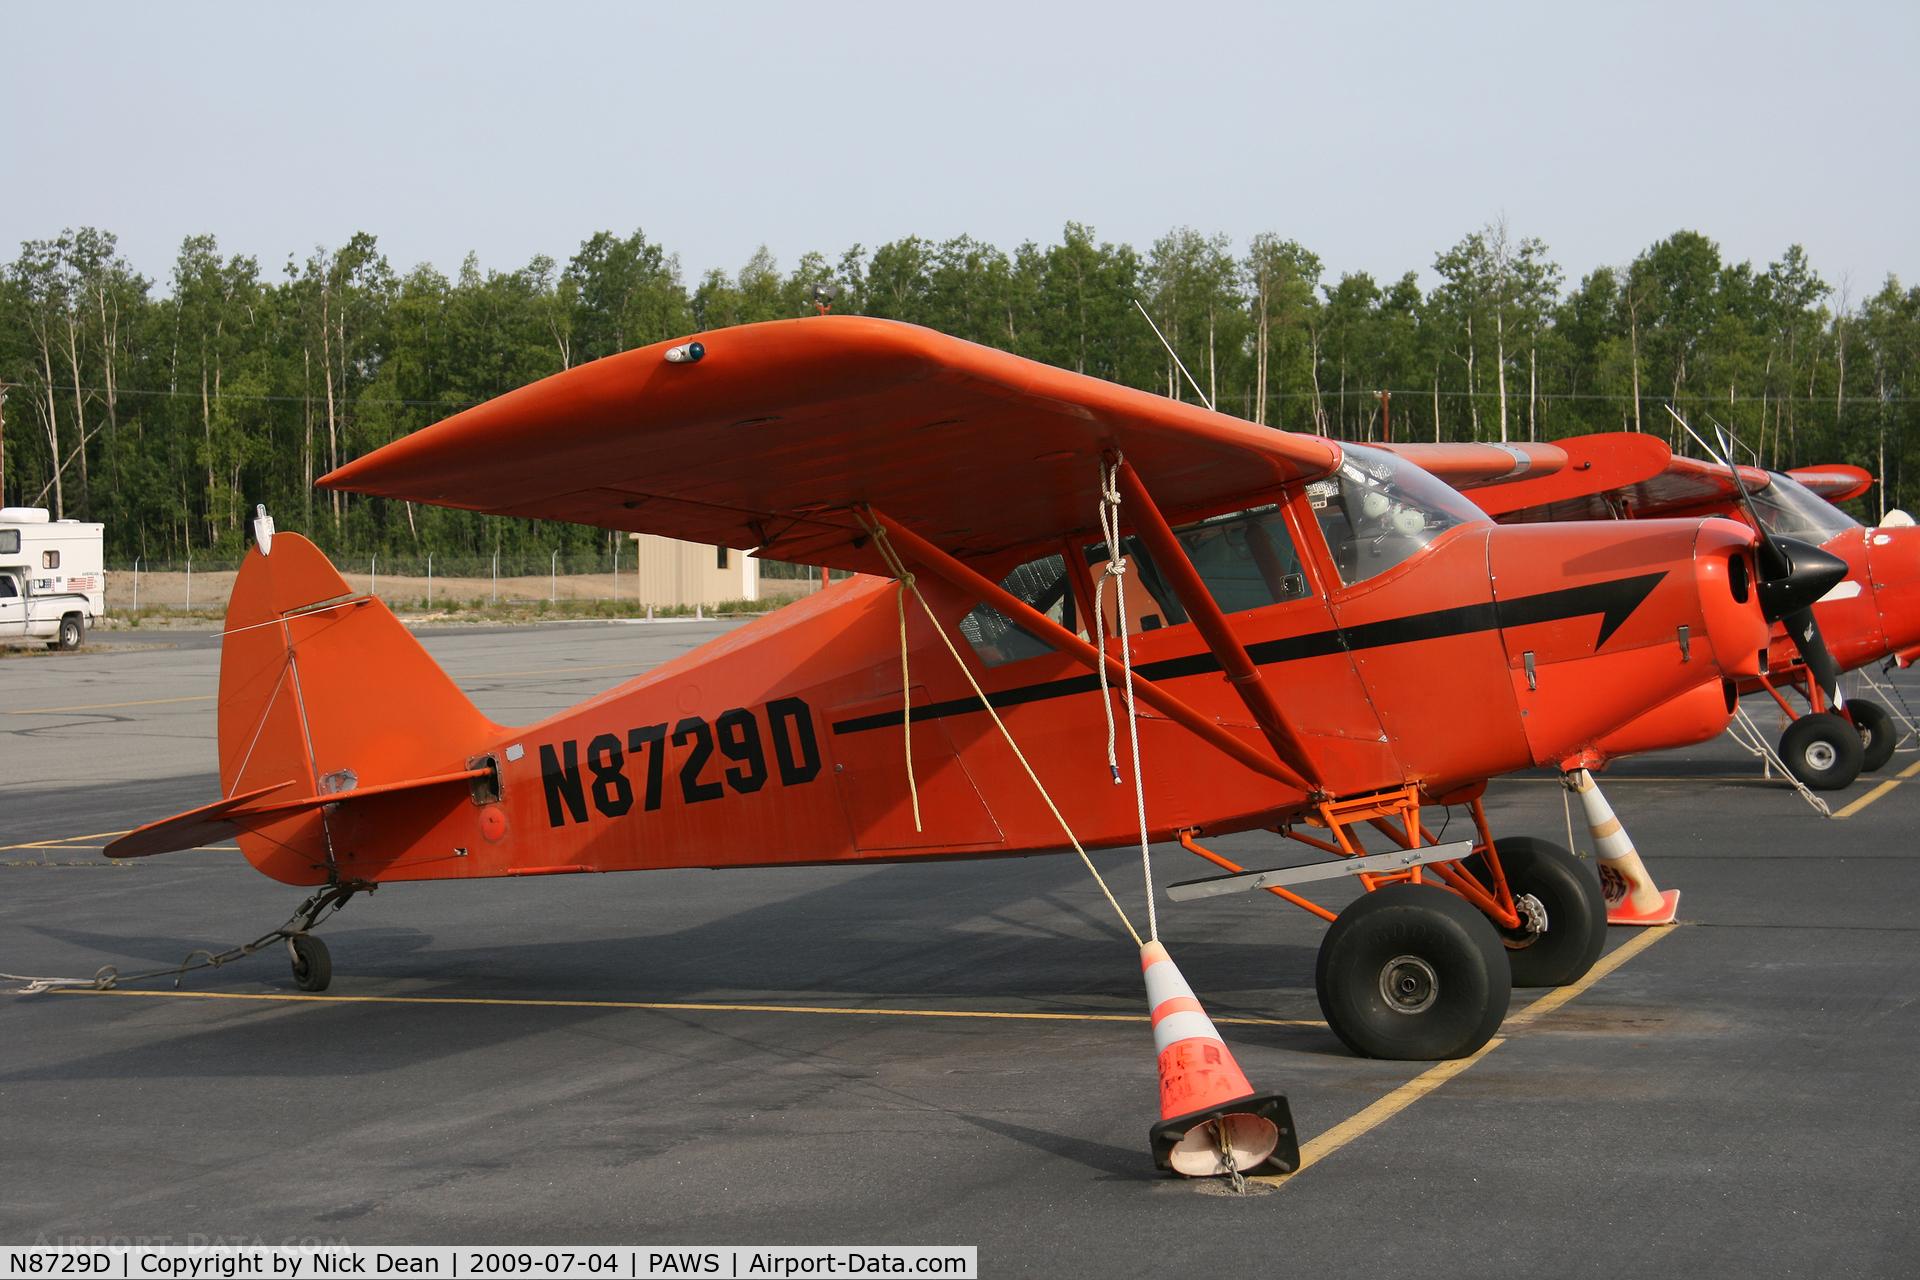 N8729D, 1958 Piper PA-22-160 Tri Pacer C/N 22-5910, PAWS